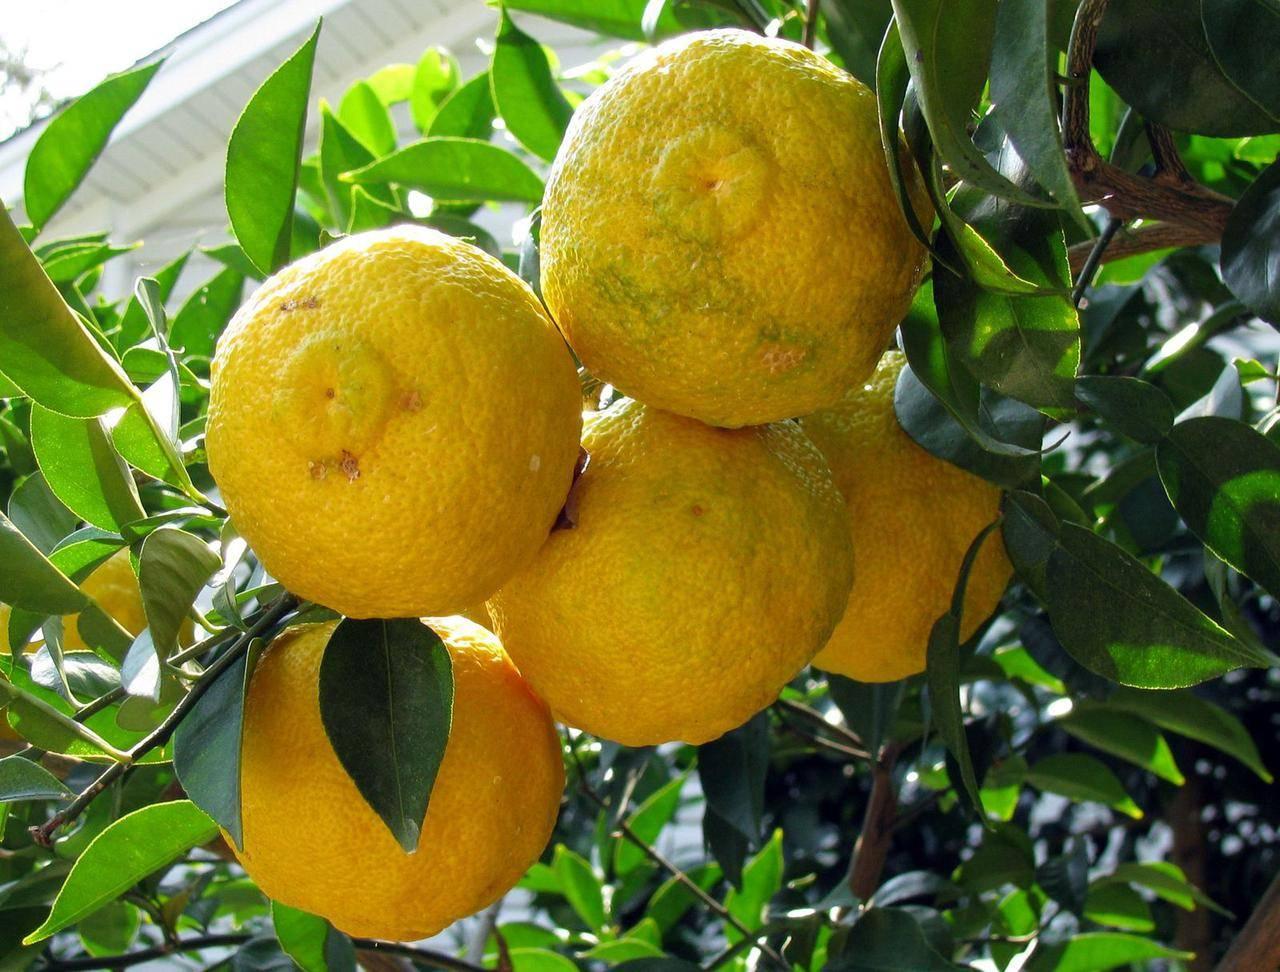 Юзу фрукт - юдзу